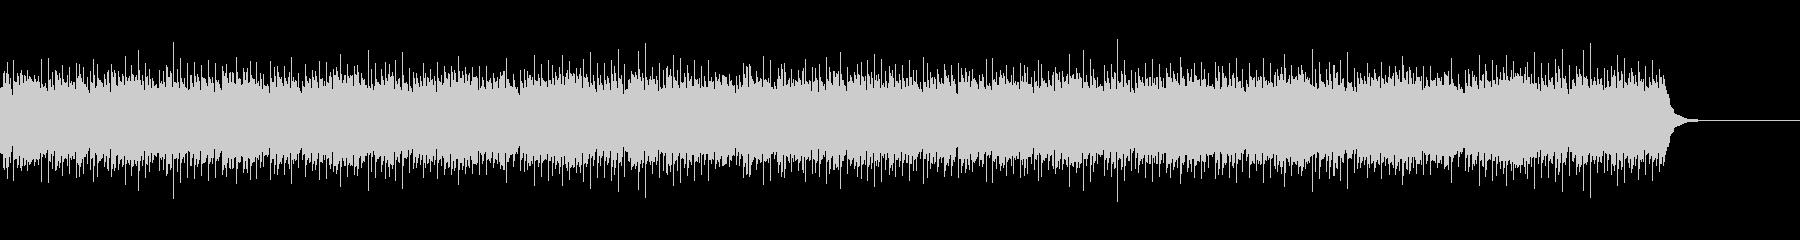 カウントアップ 13/14の未再生の波形